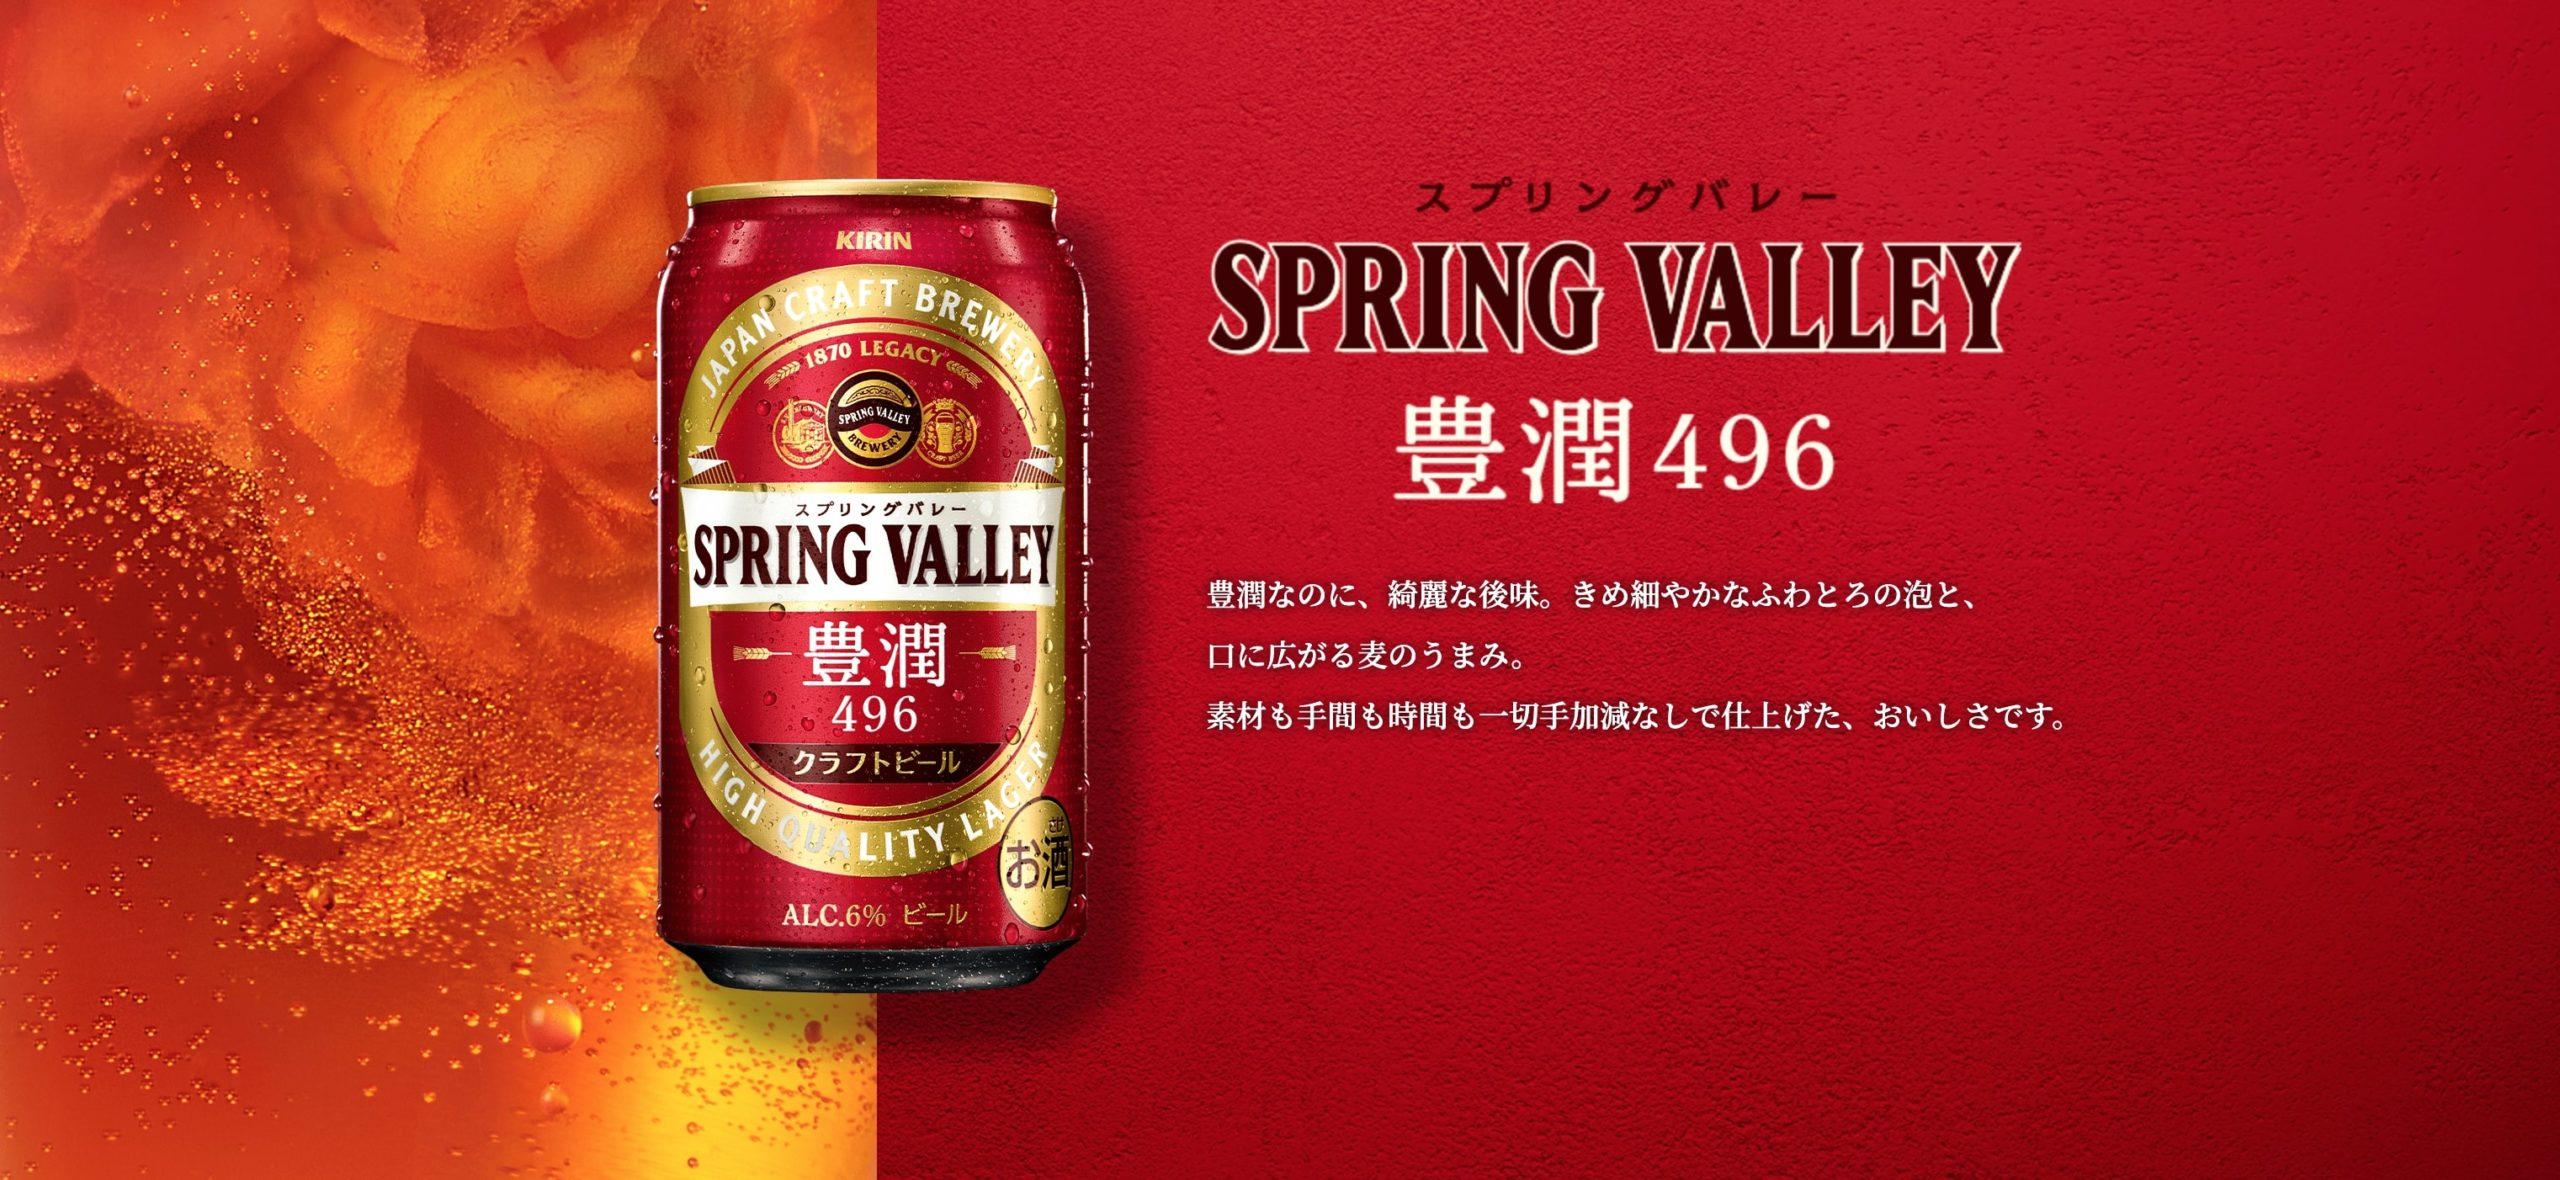 スプリングバレー豊潤〈496〉口コミ 美味しさ 味